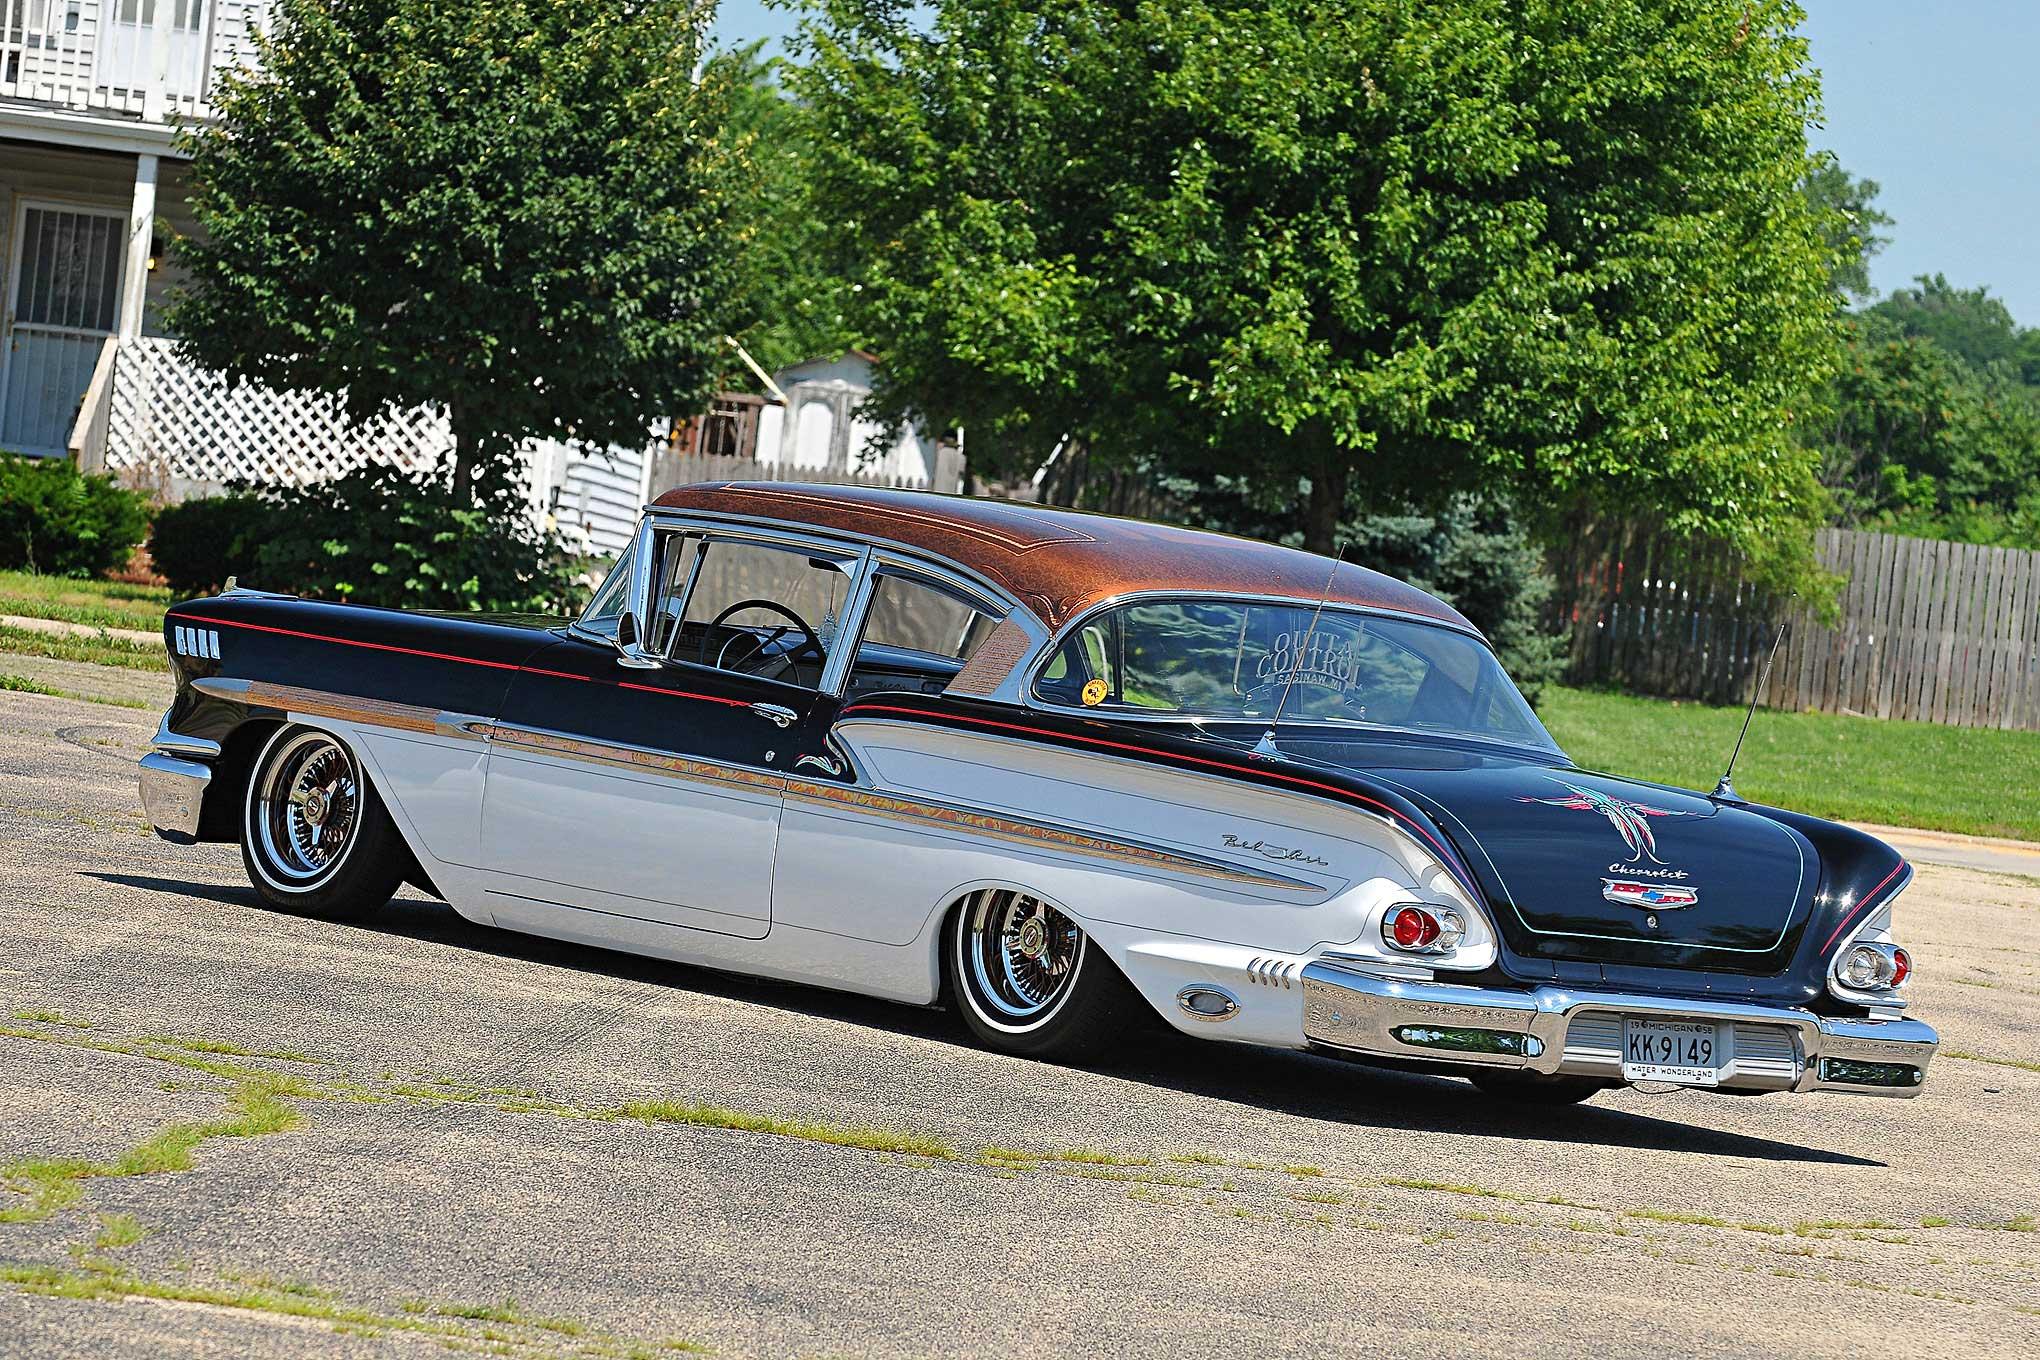 Kekurangan Chevrolet Bel Air 1958 Harga